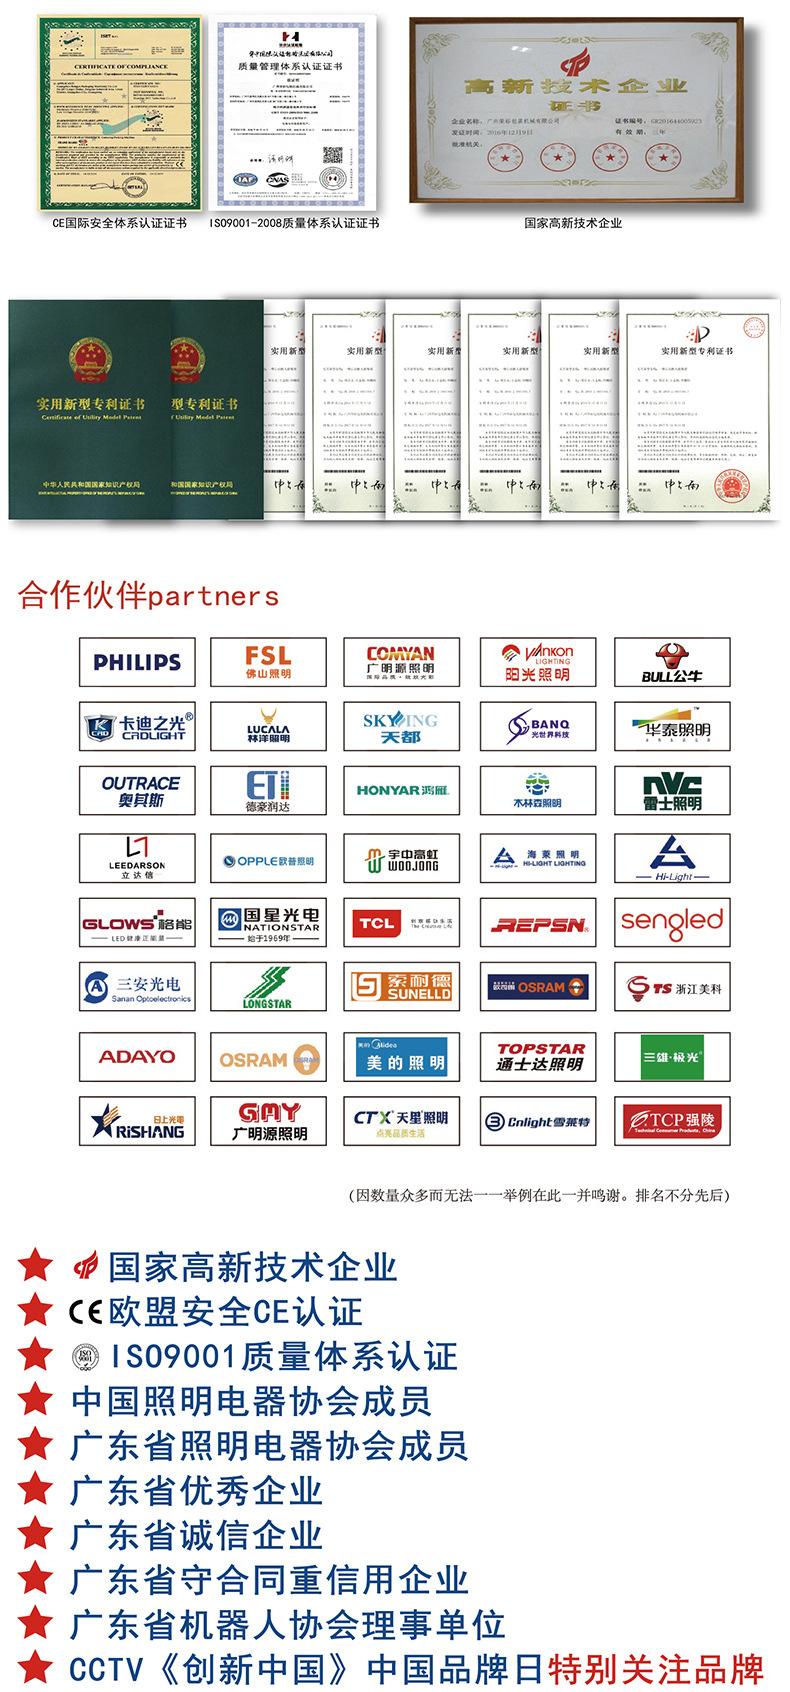 电商耳机数据线 装盒机 折盒机套膜 配件盒包装 电商电子深圳广州示例图147